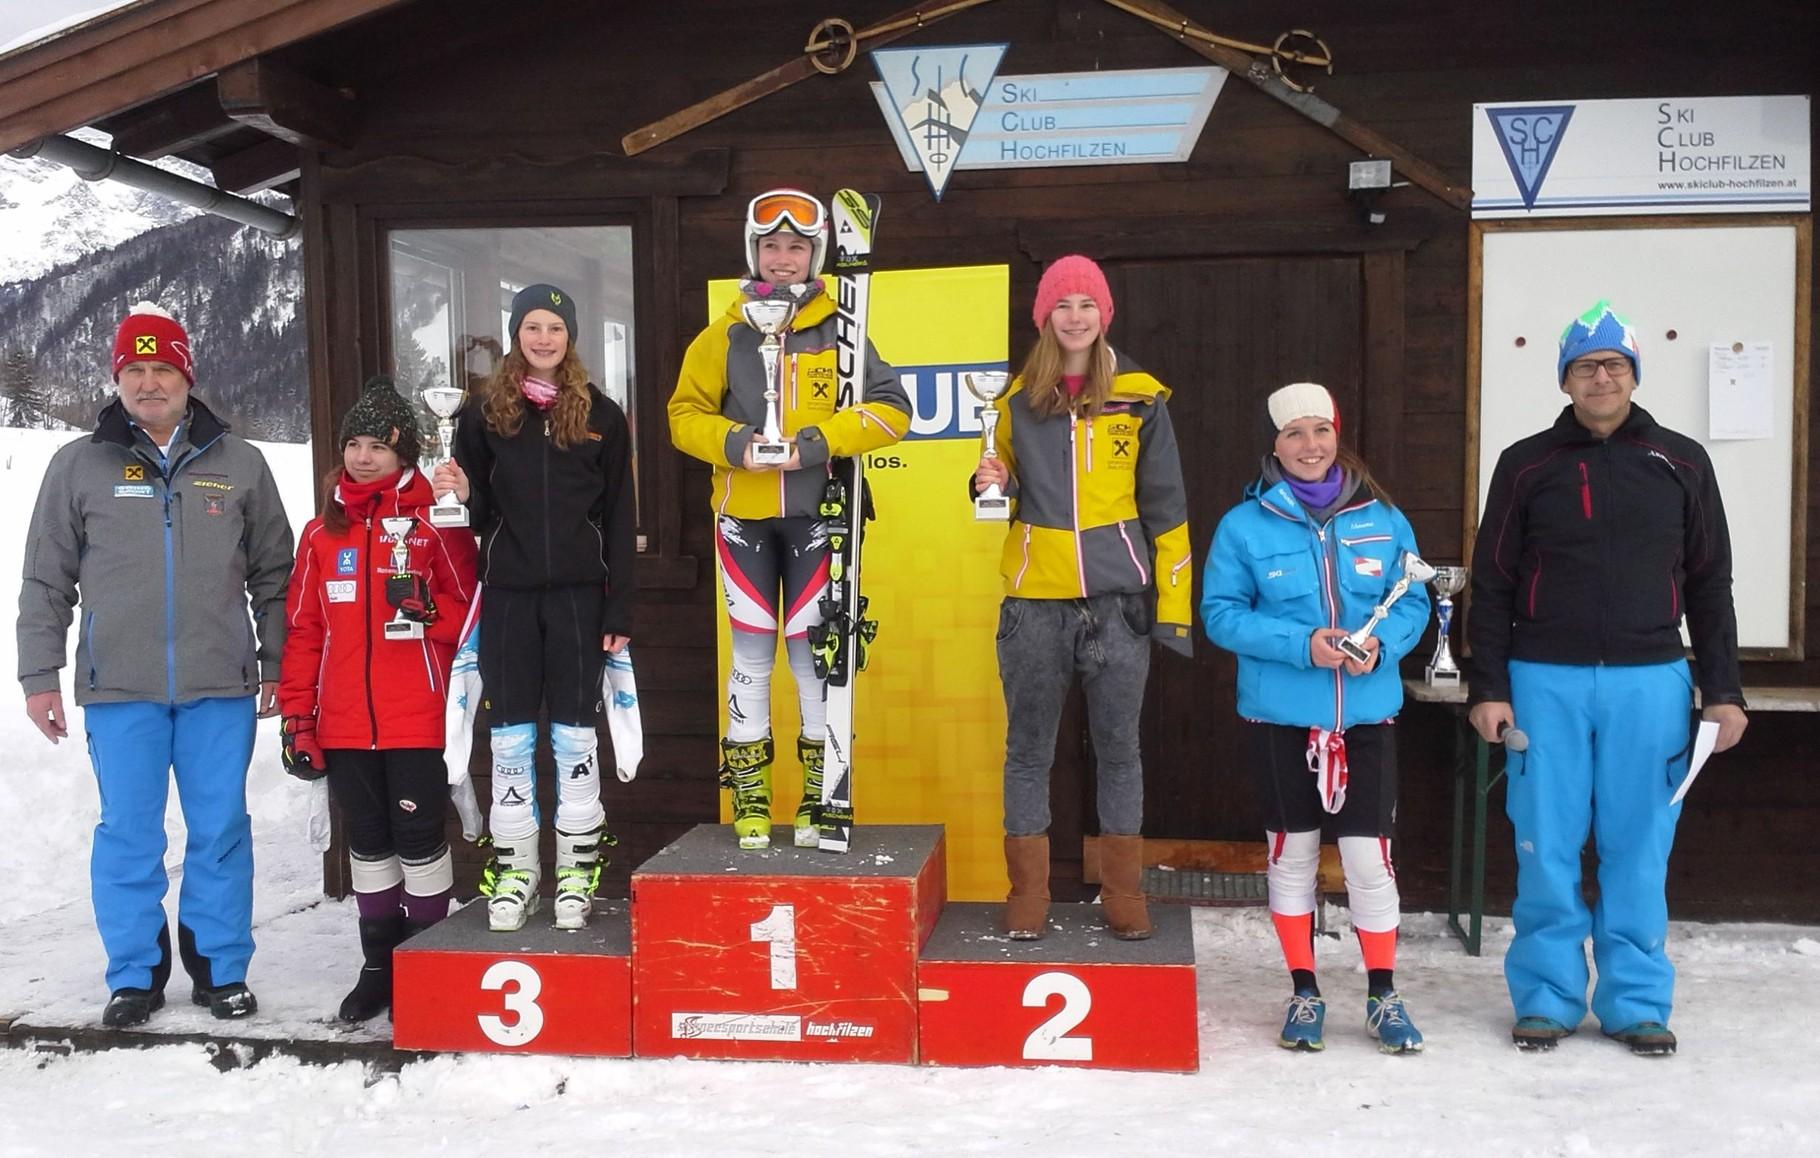 Sieg für Magdalena Schwaiger und 3. Rang für Monika Widmoser